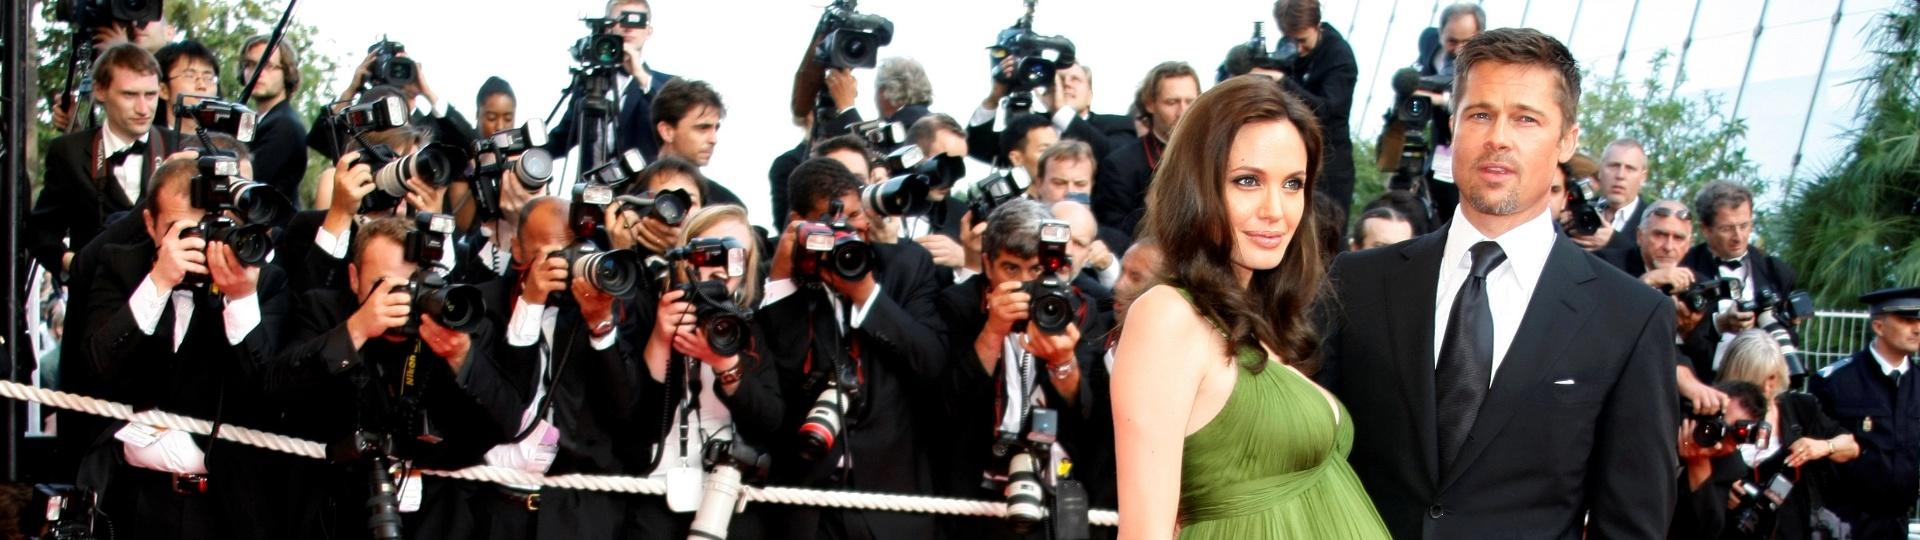 15.mai.2008 - Angelina Jolie e Brad Pitt juntos no tapete vermelho do Festival de Cannes de 2008. Angelina estava grávida dos gêmeos Knox Leon e Vivienne Marcheline